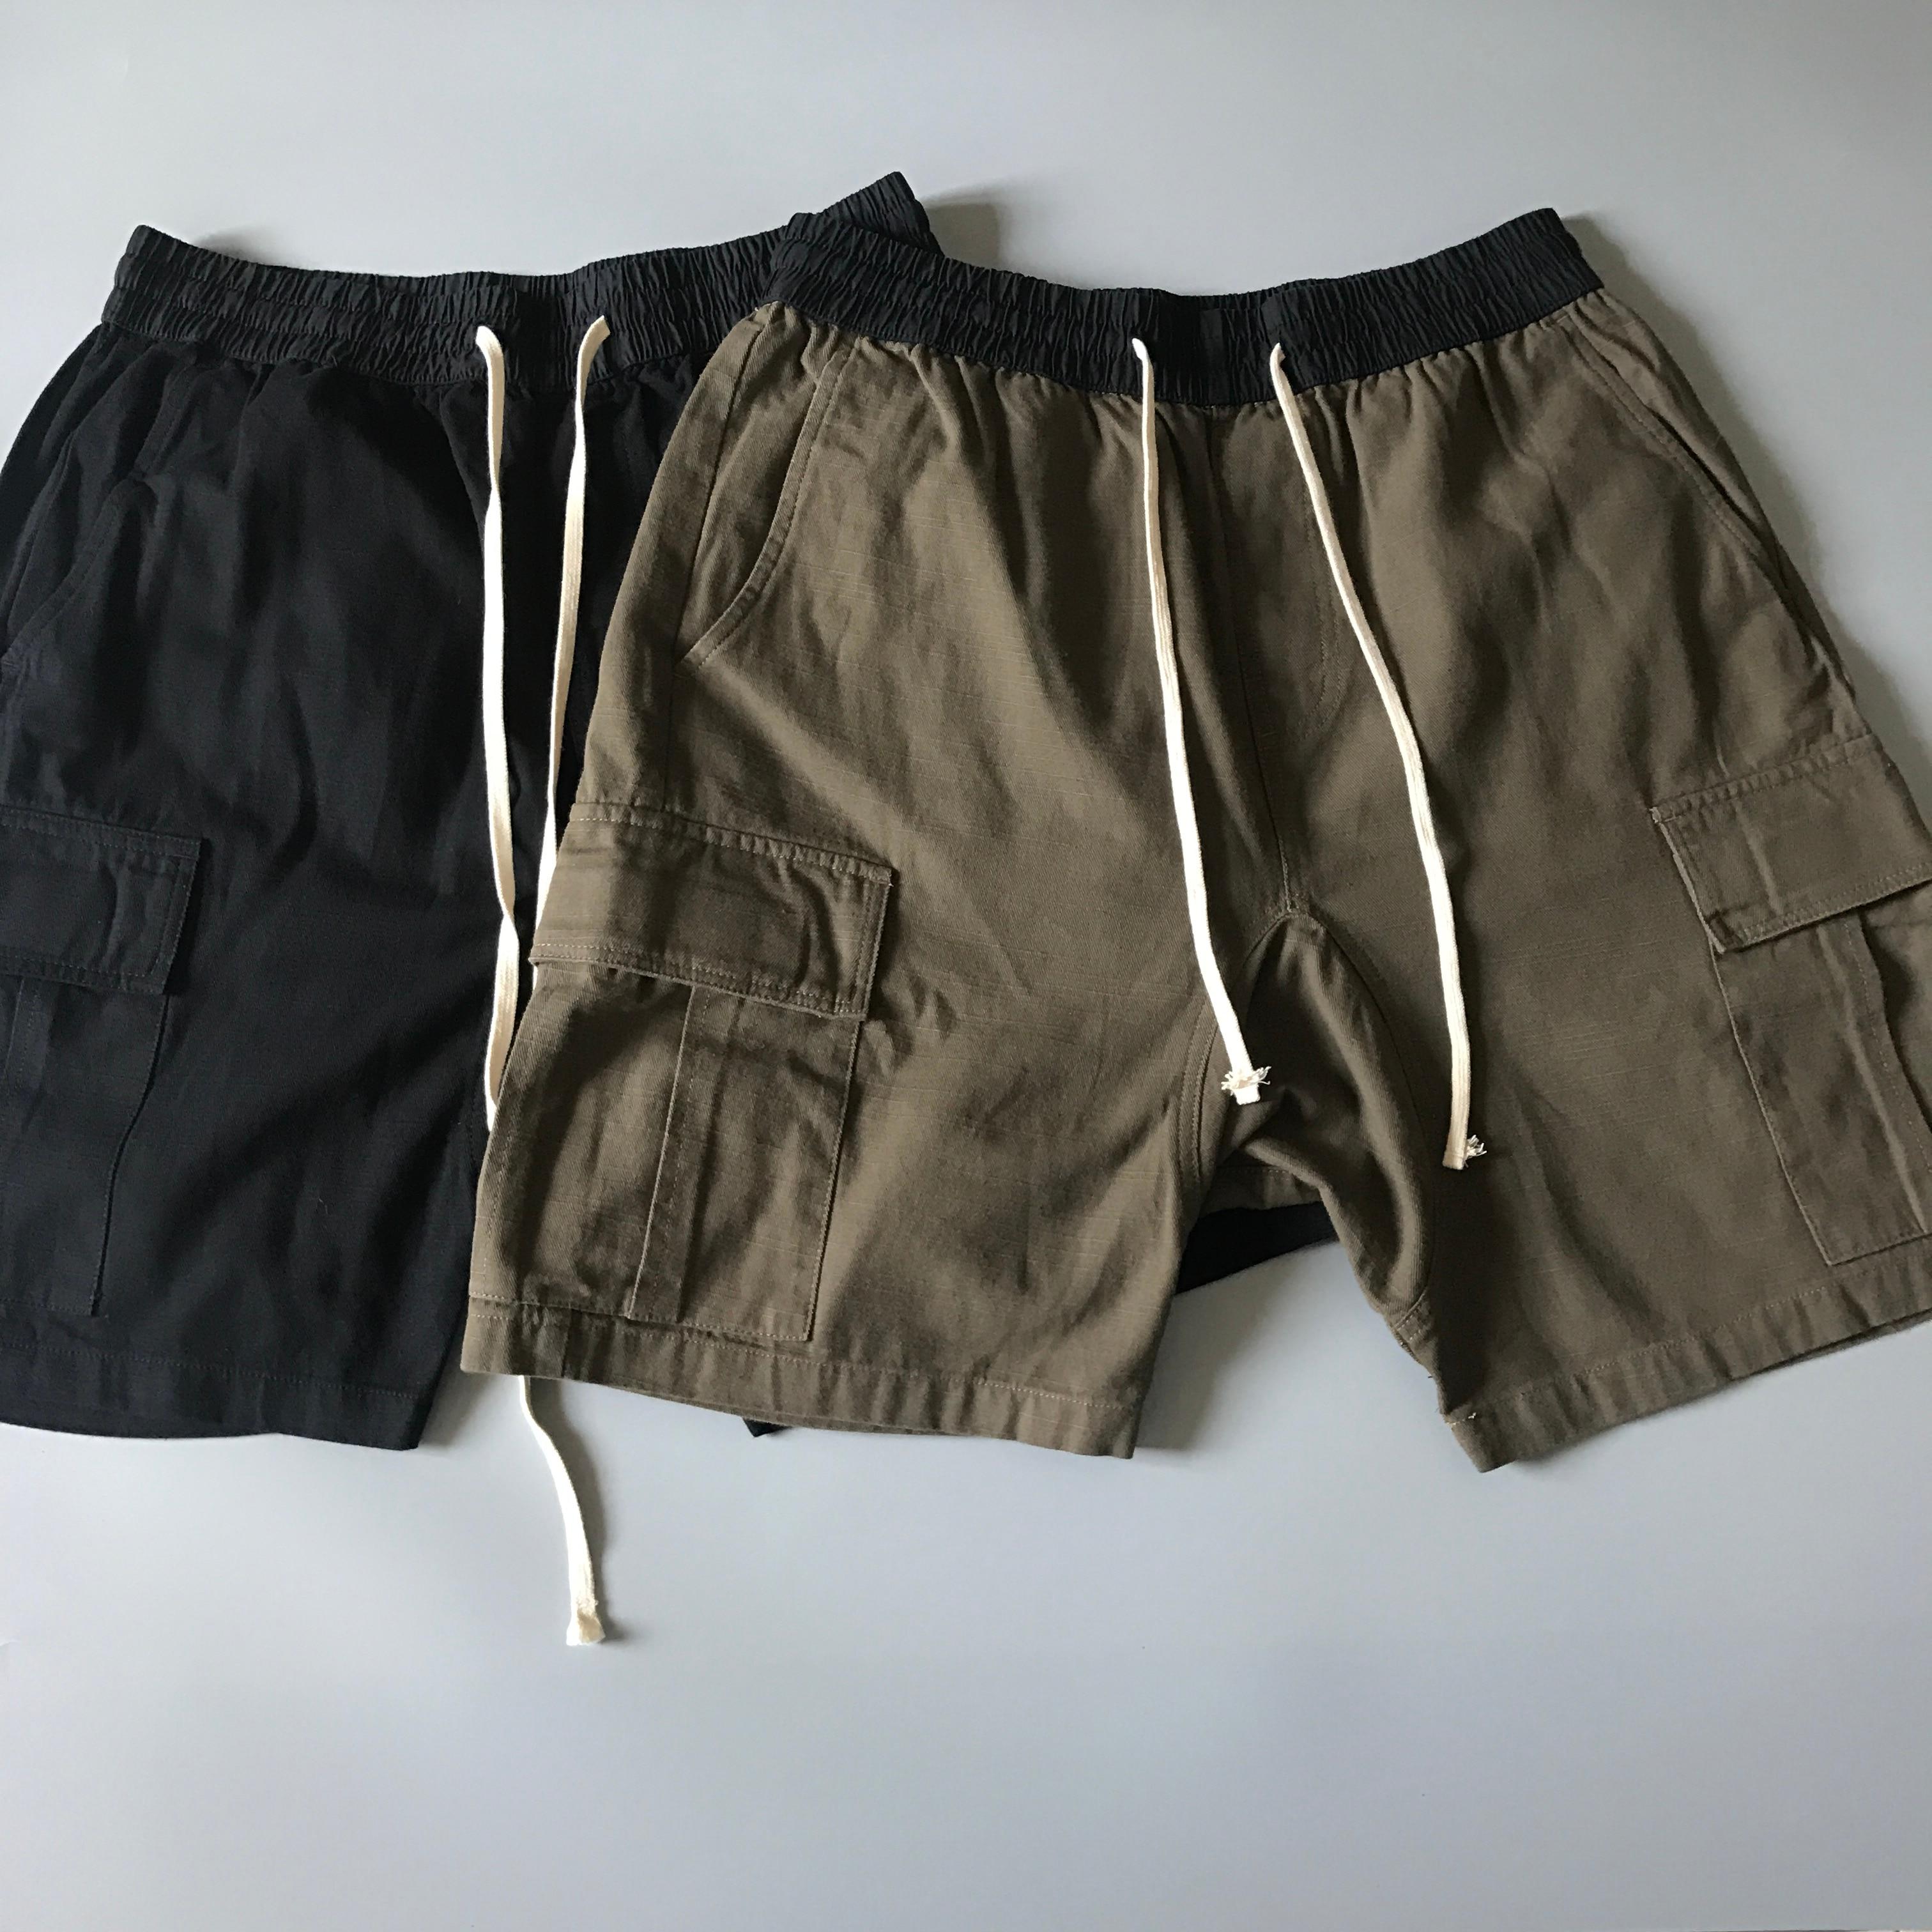 Verão Shorts Da Carga de Algodão Texturizado Kanye Cintura Elástica Harém Suor Curto Streetwear